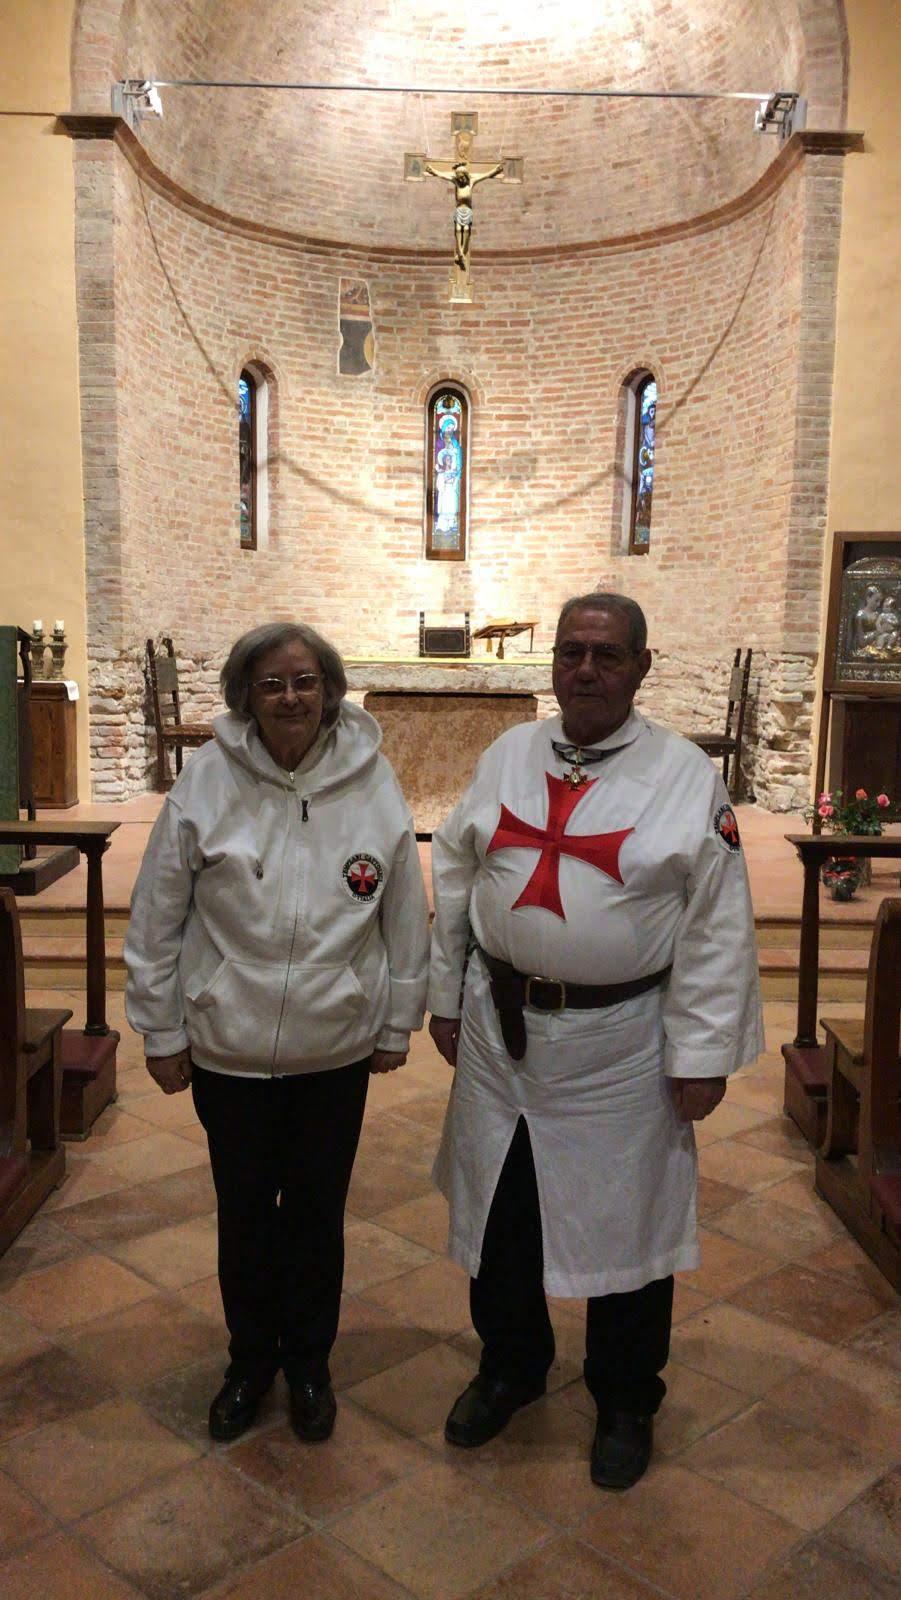 Custodia della Pieve di Santa Maria in acquedotto – Forlì 20.10.2019